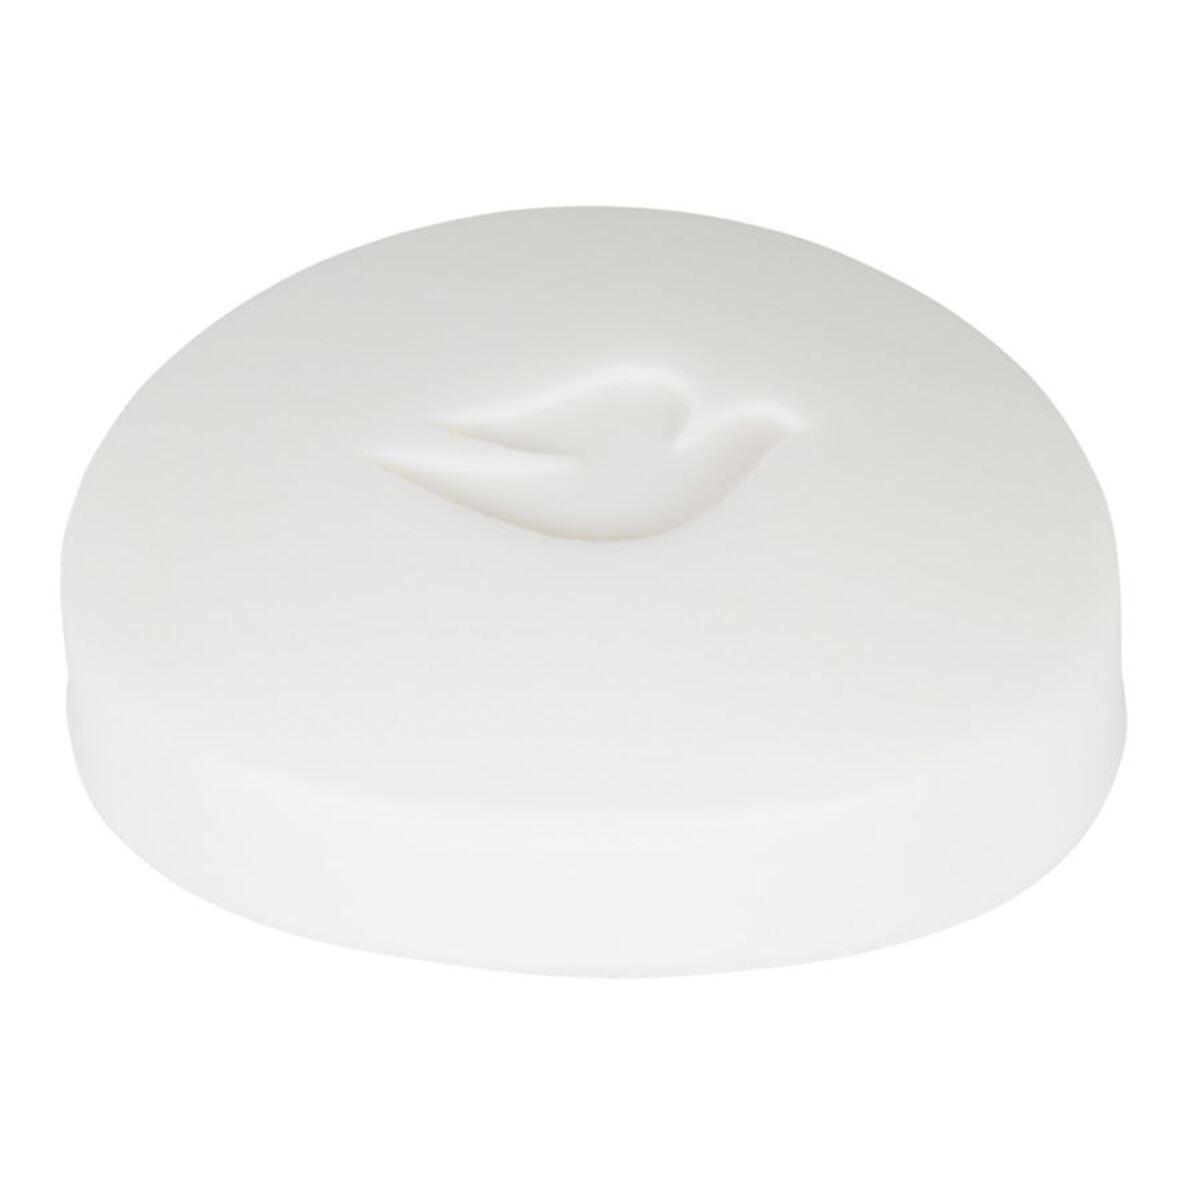 Bild 5 von DOVE Seife Beauty Cream Bar 48x 100g